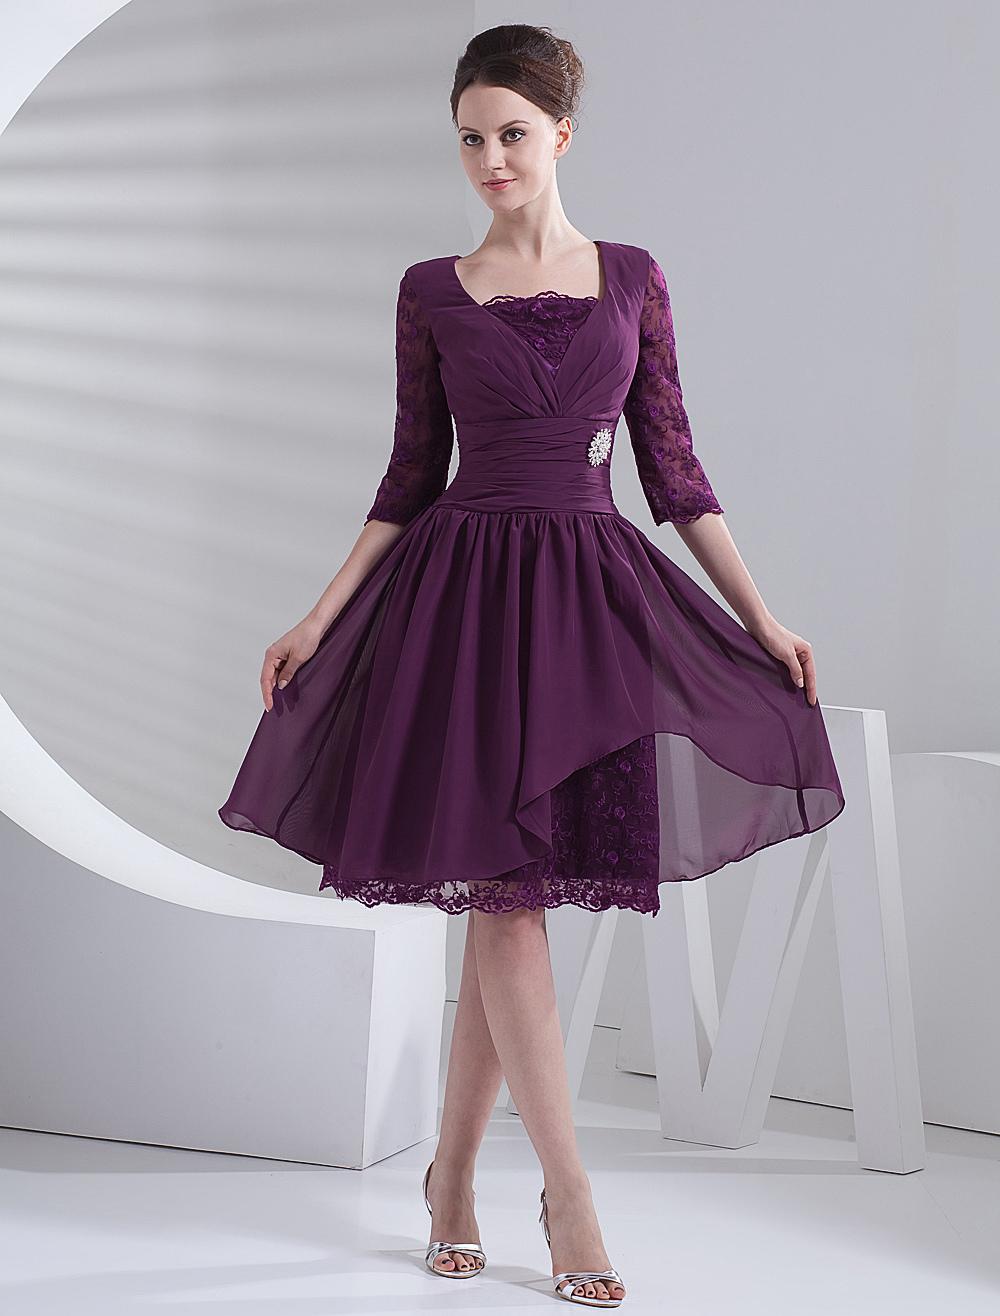 Corto vestido de cóctel de color de uva - Milanoo.com